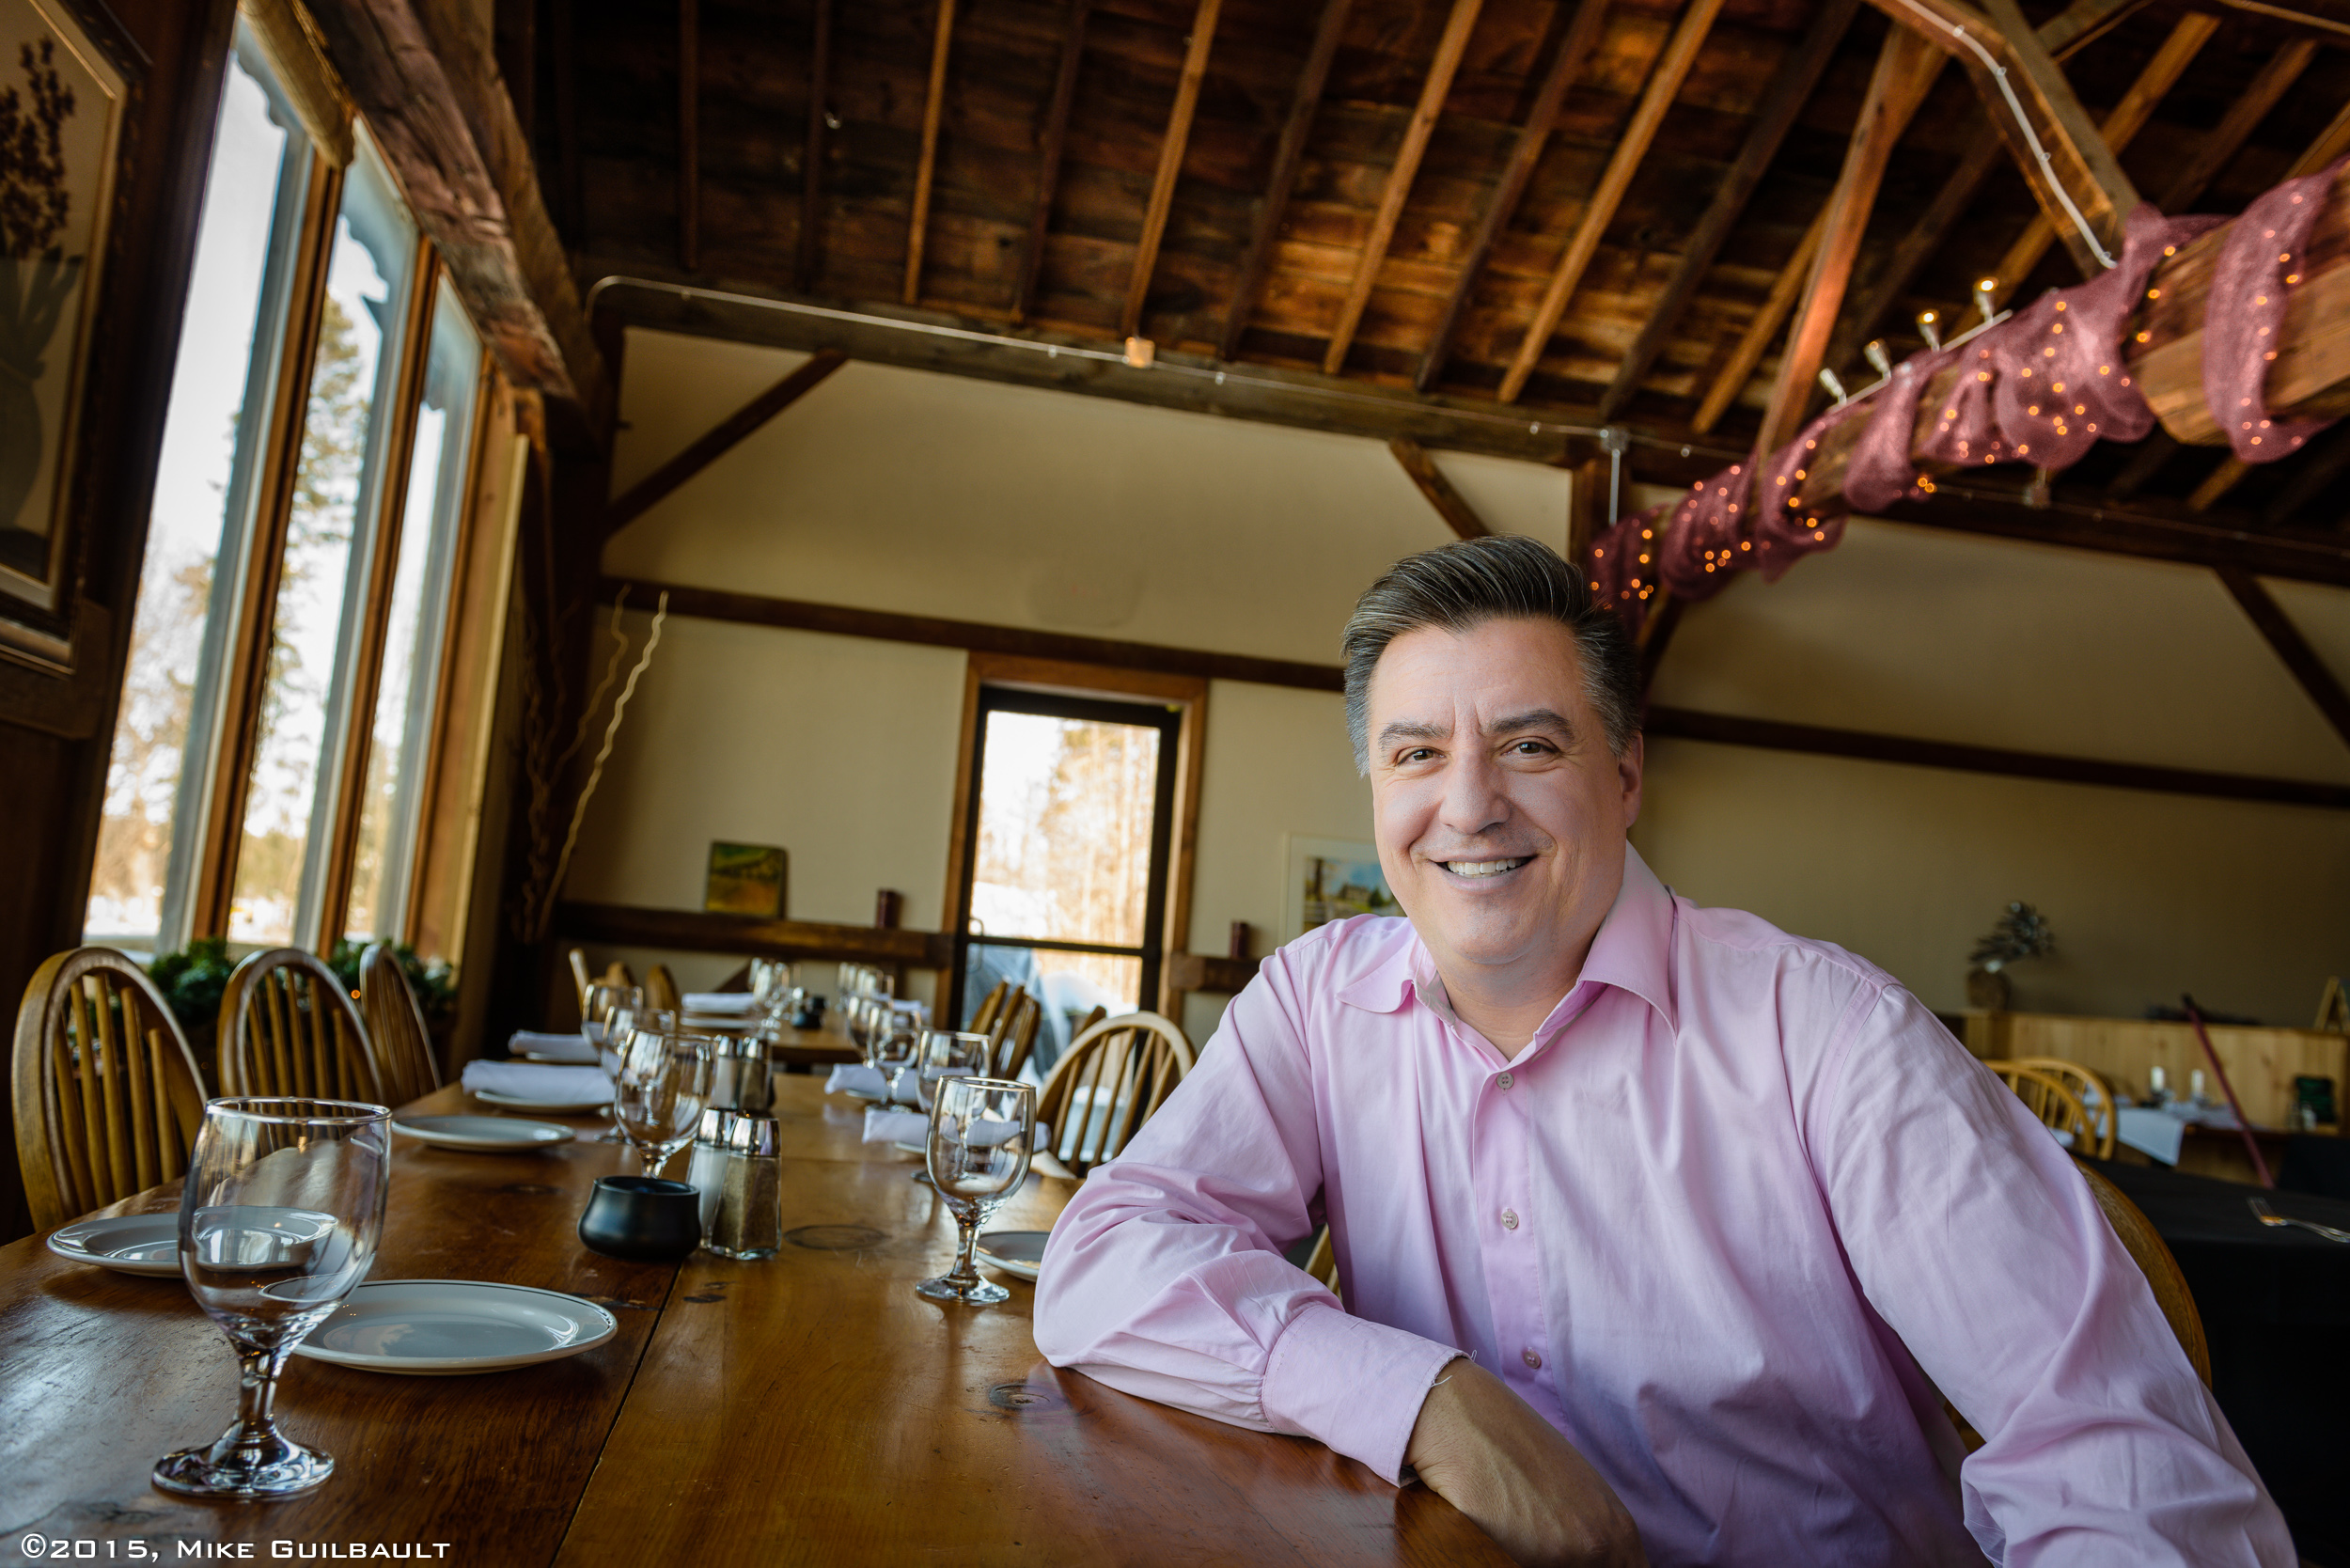 Portrait of Restauranteur